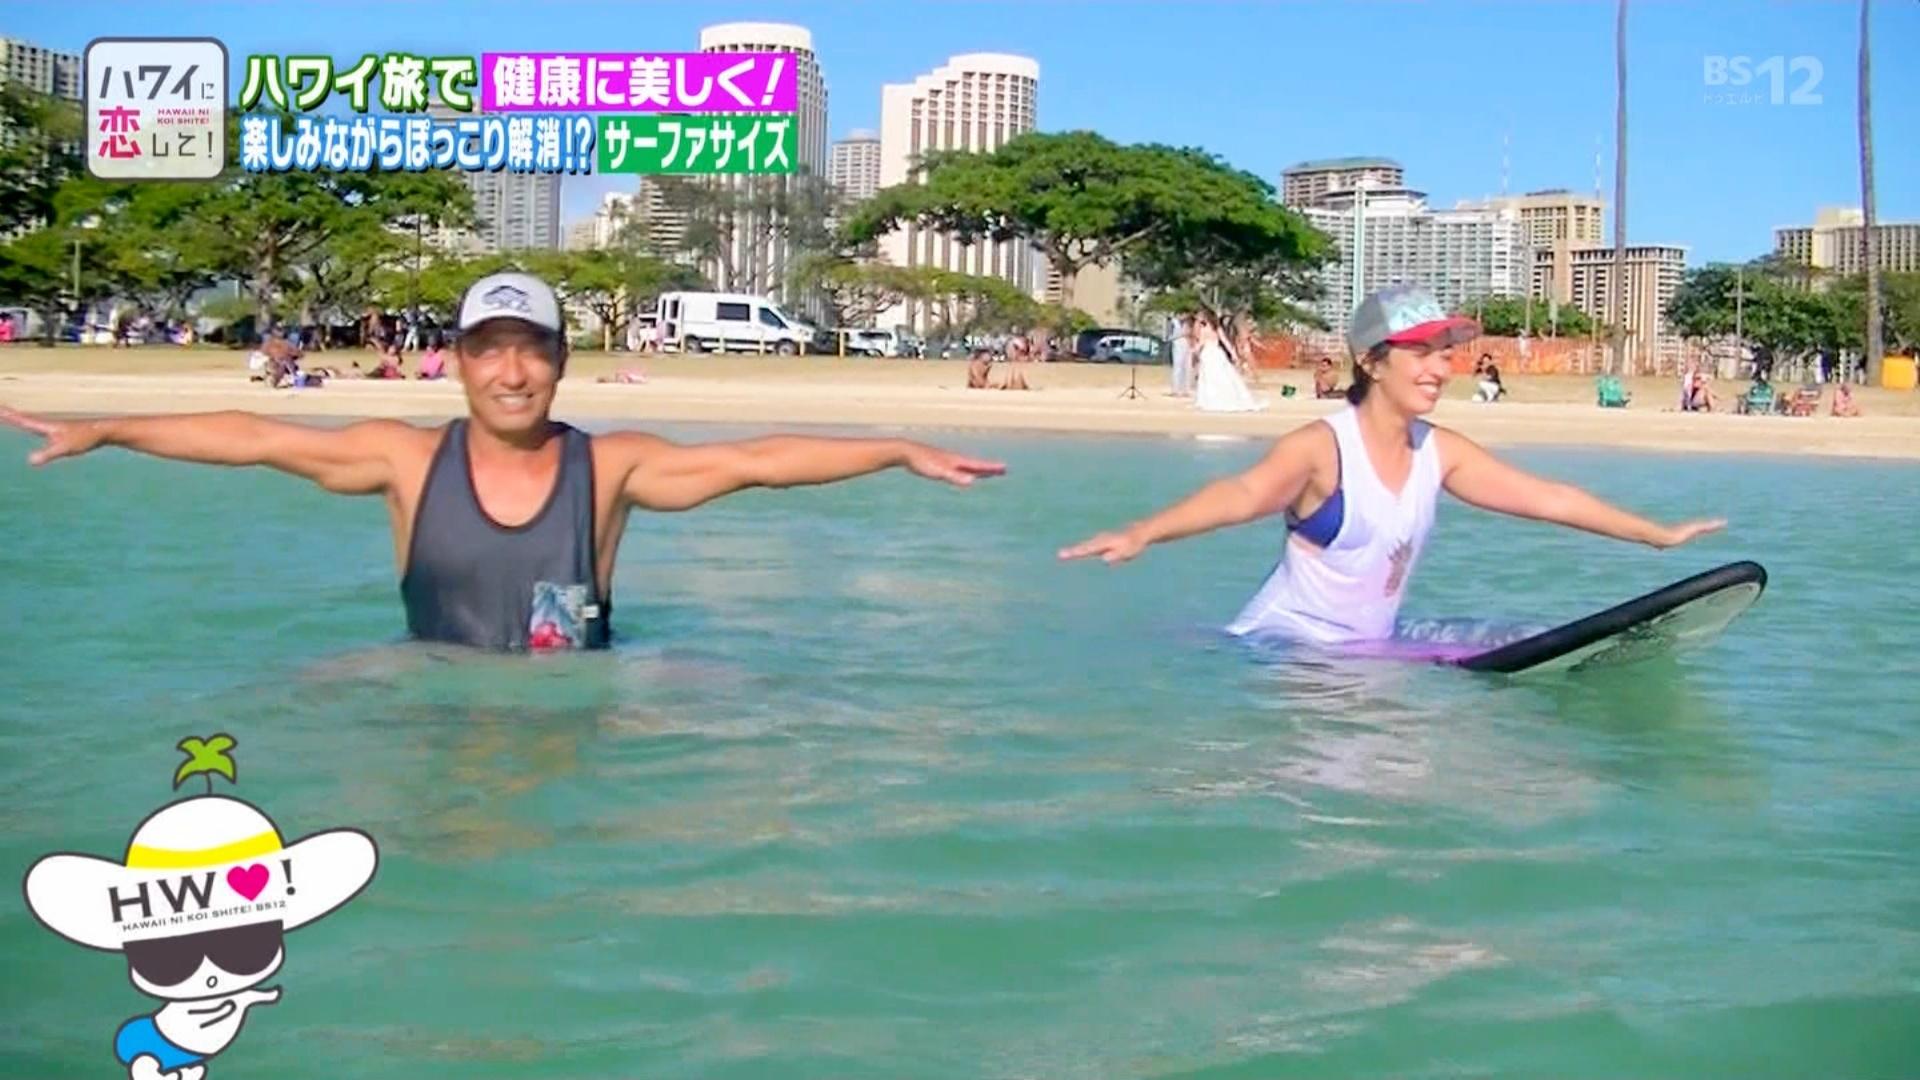 2019年8月11日にBS12で放送された「ハワイに恋して」のテレビキャプチャー画像-045